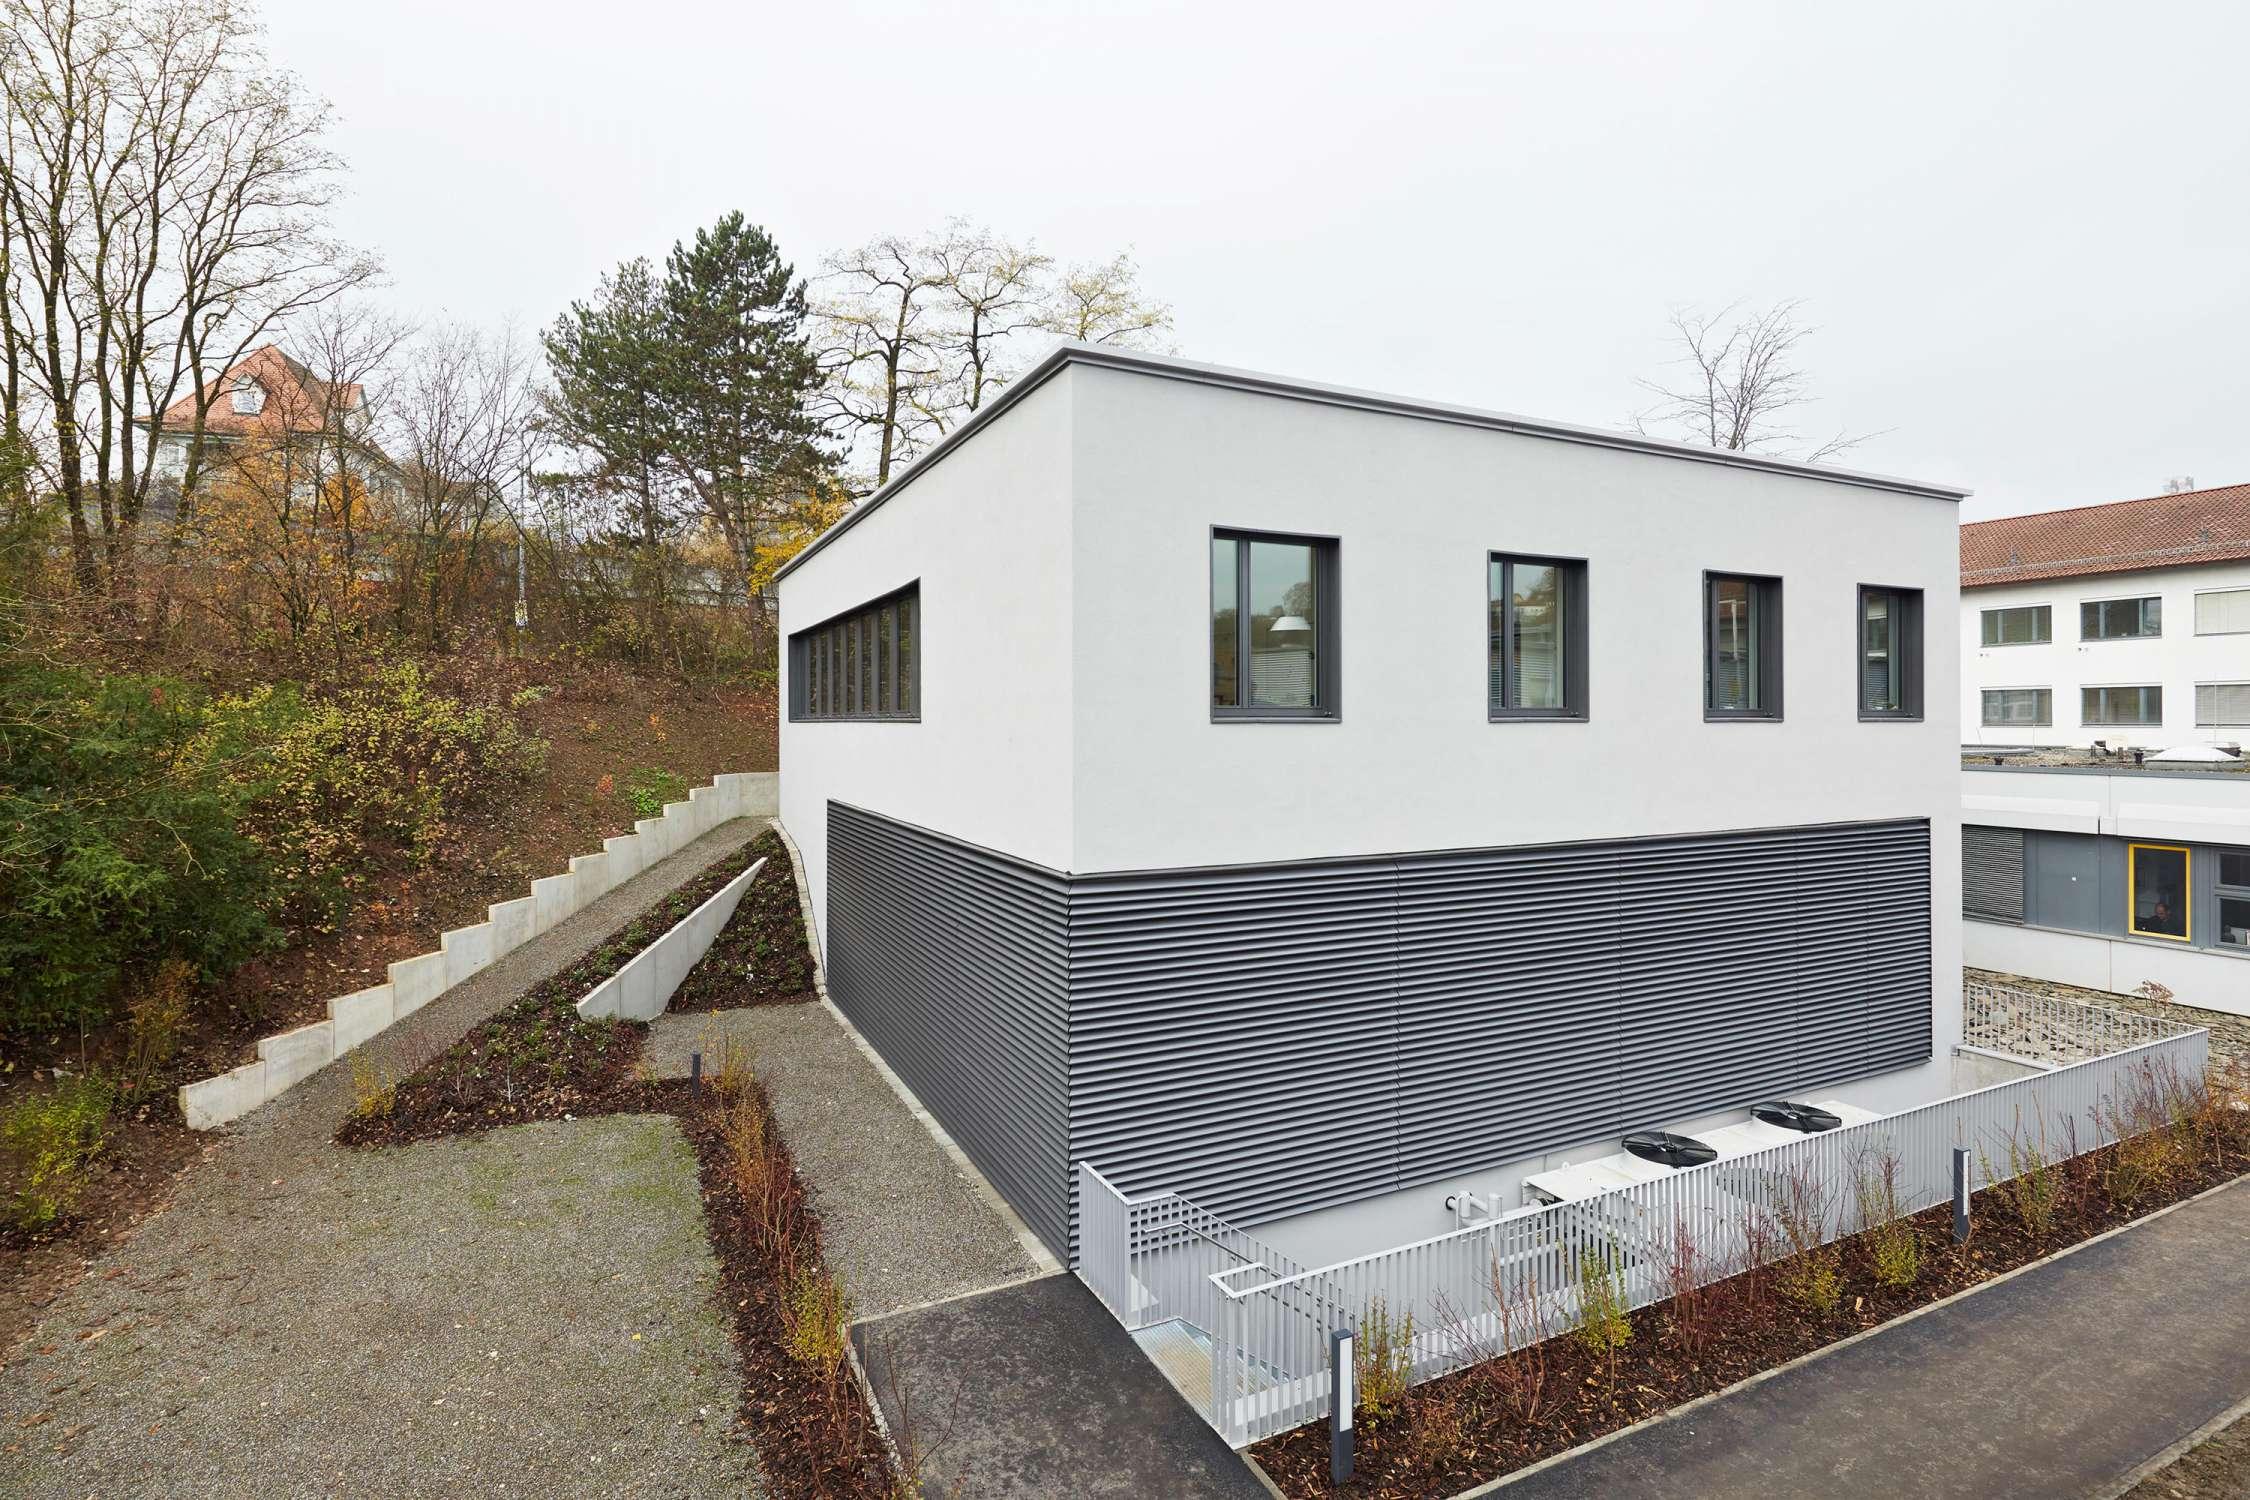 Laborgebäude für präklinische Bildgebung der Werner Siemens-Stiftung (14)